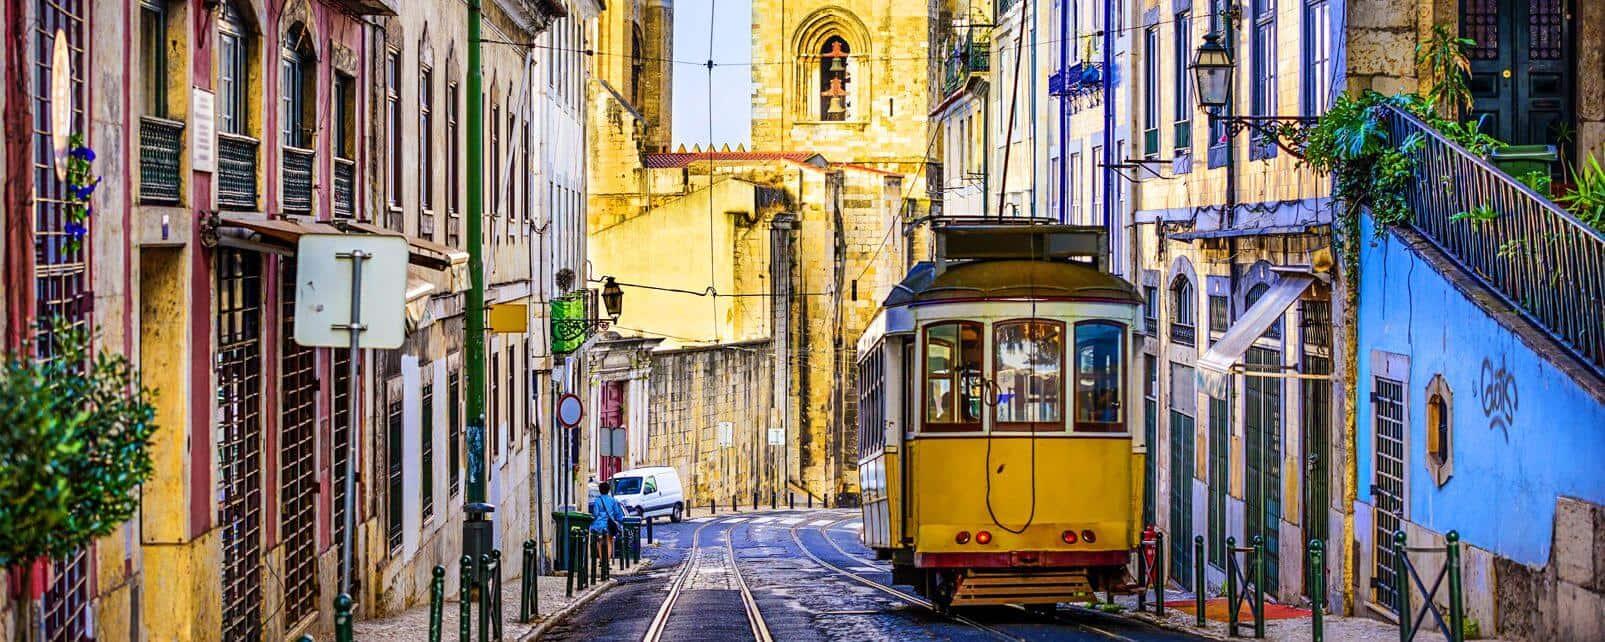 Visiter lisbonne a bord du tram n°28